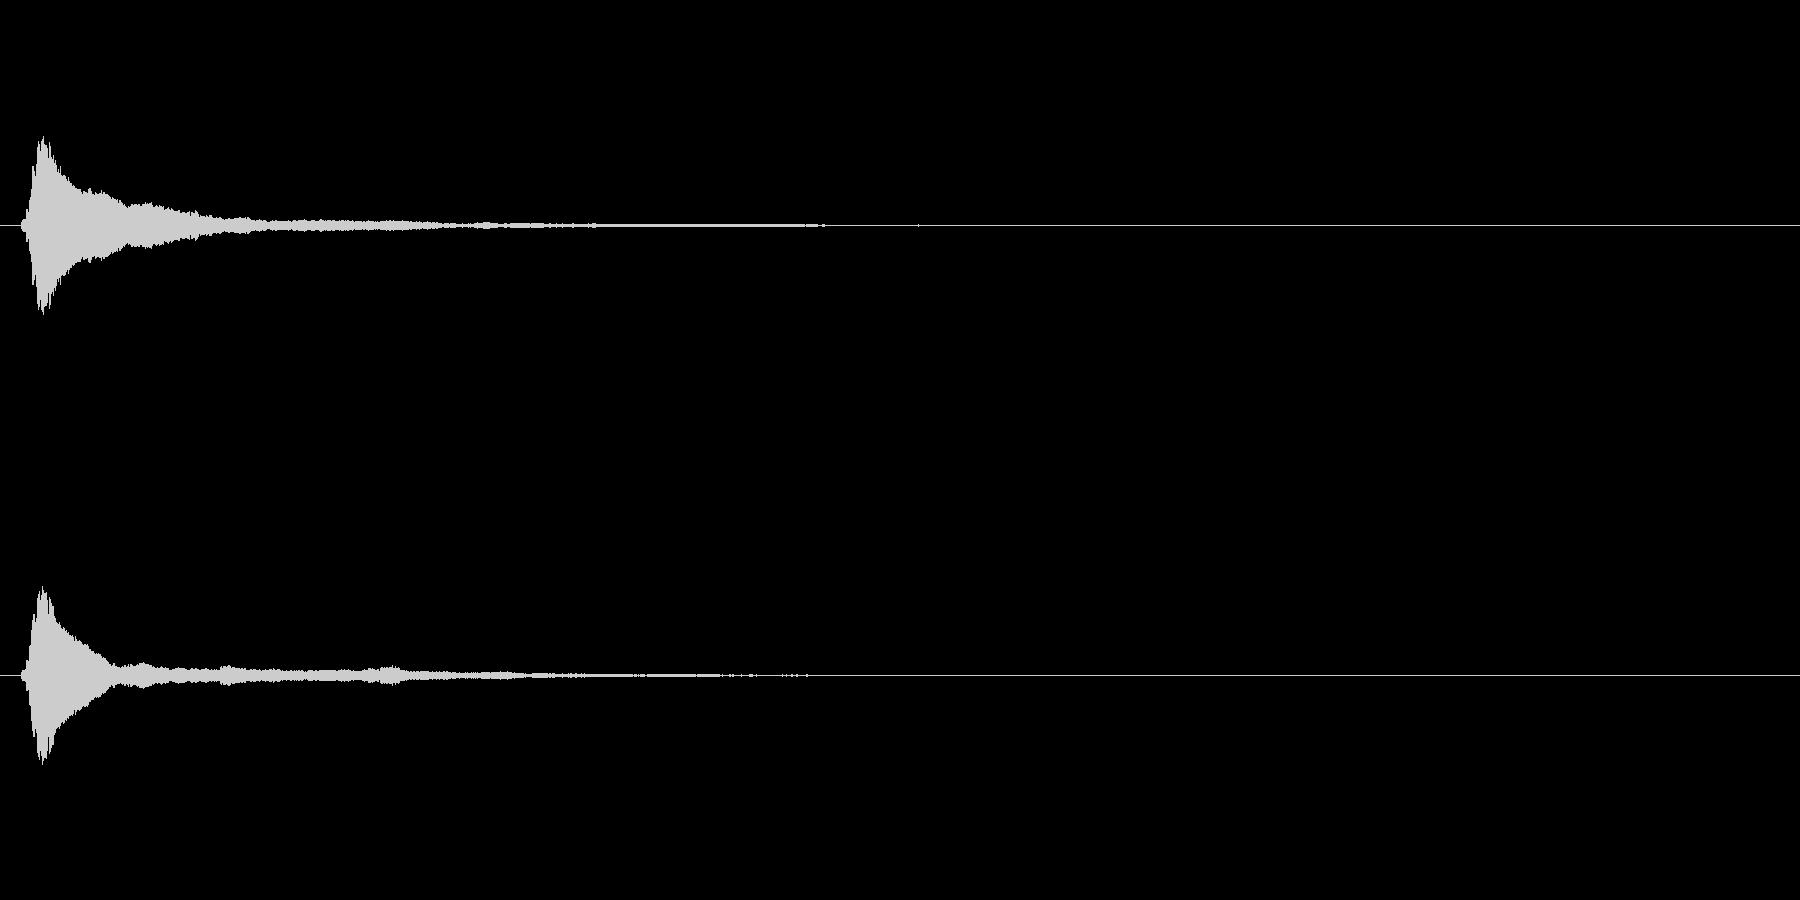 キラキラ系_002の未再生の波形